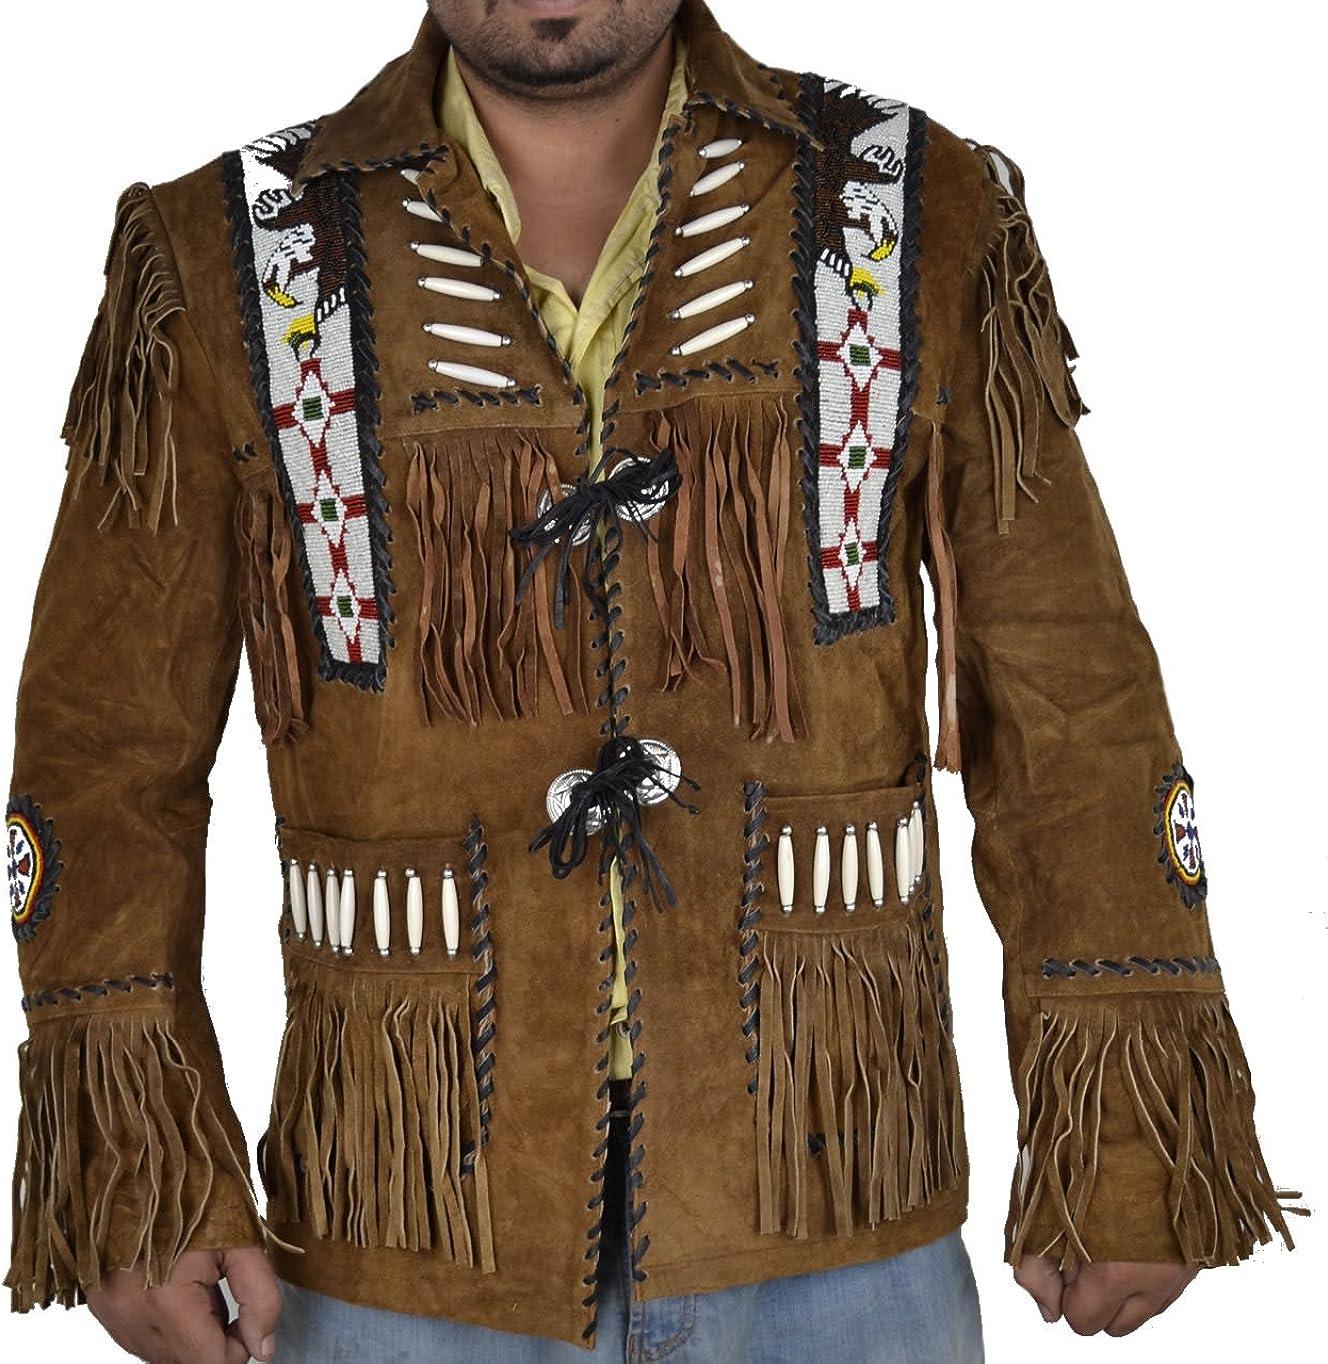 SleekHides Men's Western Cowboy Suede Leather Jacket Fringed & Beaded